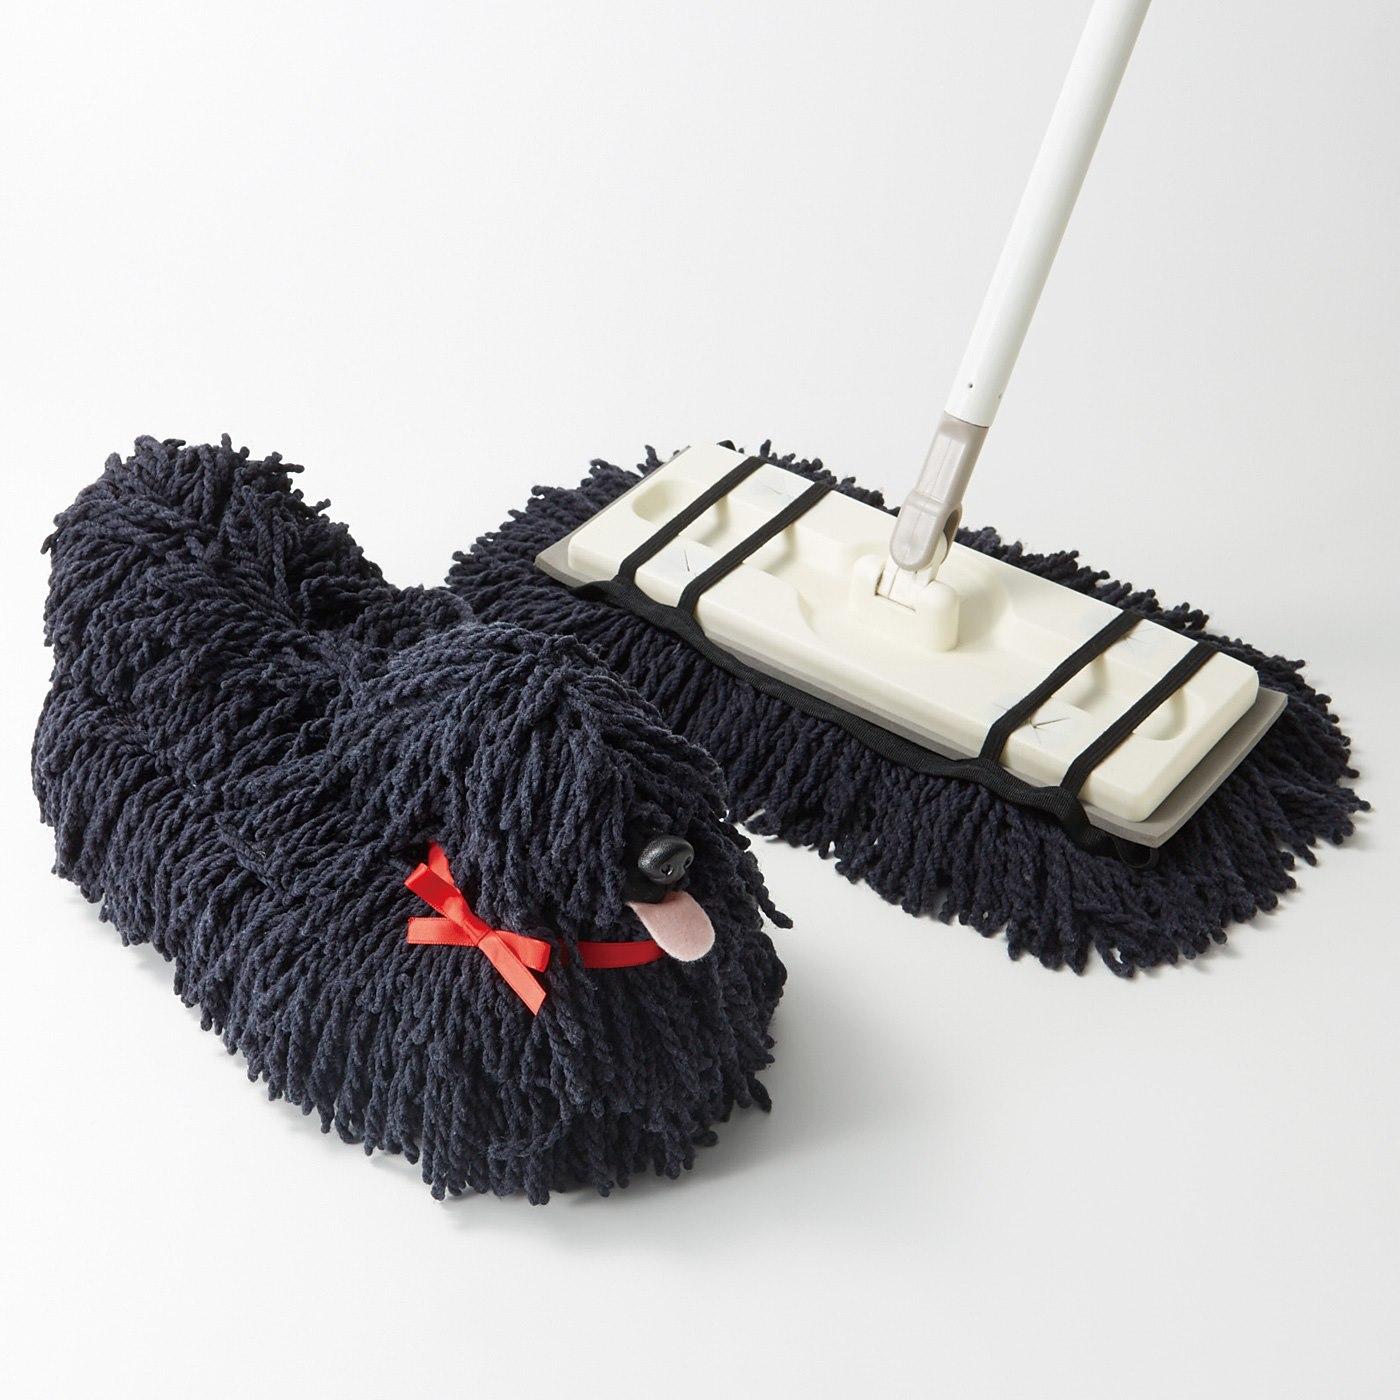 お手持ちのフローリングワイパーに簡単装着。底部分は洗濯機洗いOK。